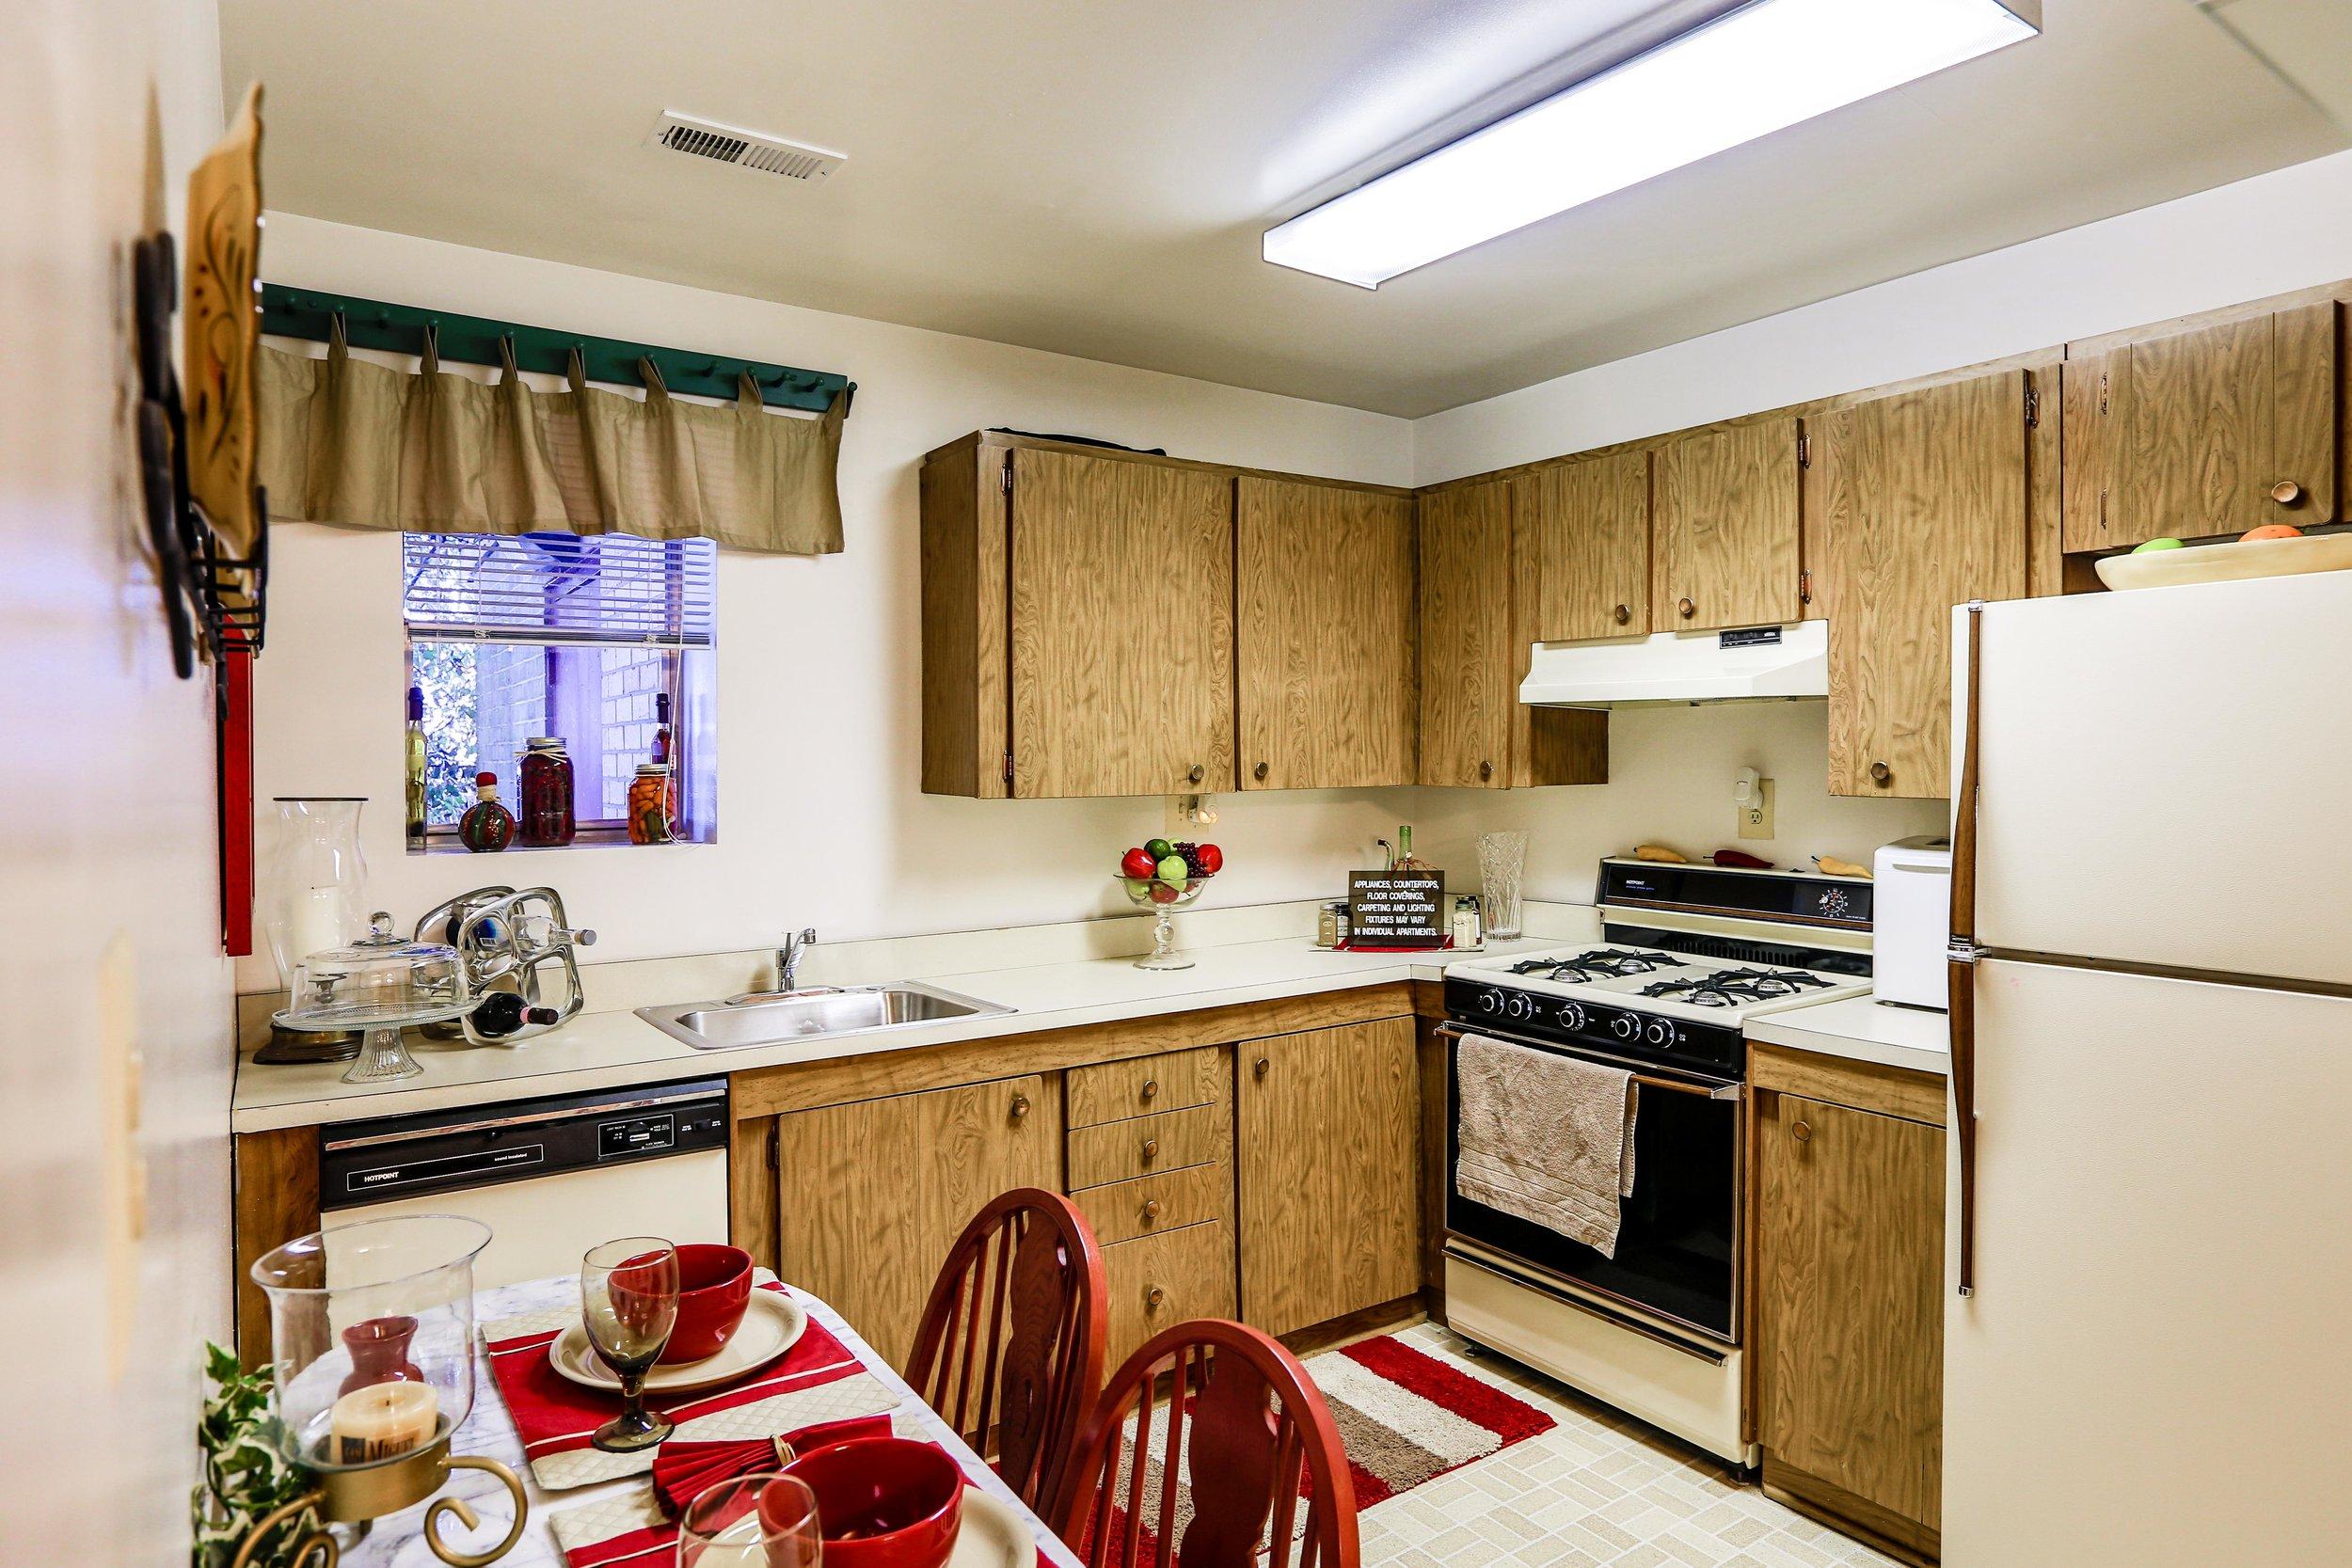 Classic Laminate Cabinetry, Linoleum Kitchen Floor